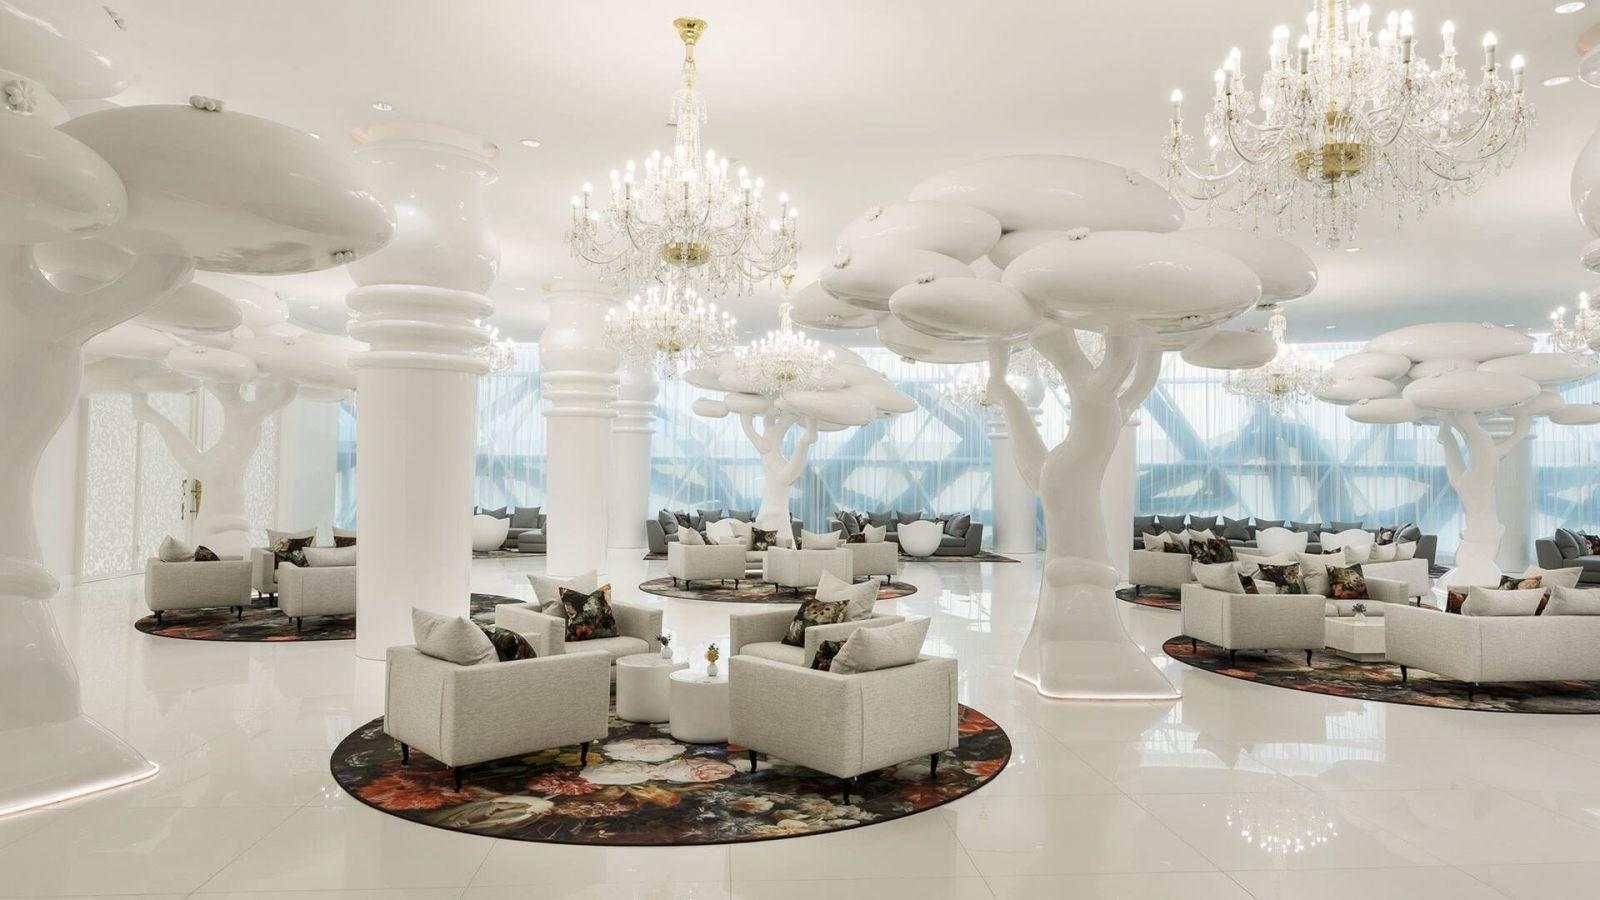 В гостиной, сюрреалистический белый лес характеризуется гигантскими белыми Деревьями Жизни. «Концептуально, мы совместили местную культуру с современной эстетикой дизайна...» добавляет Марсель Вандерс.